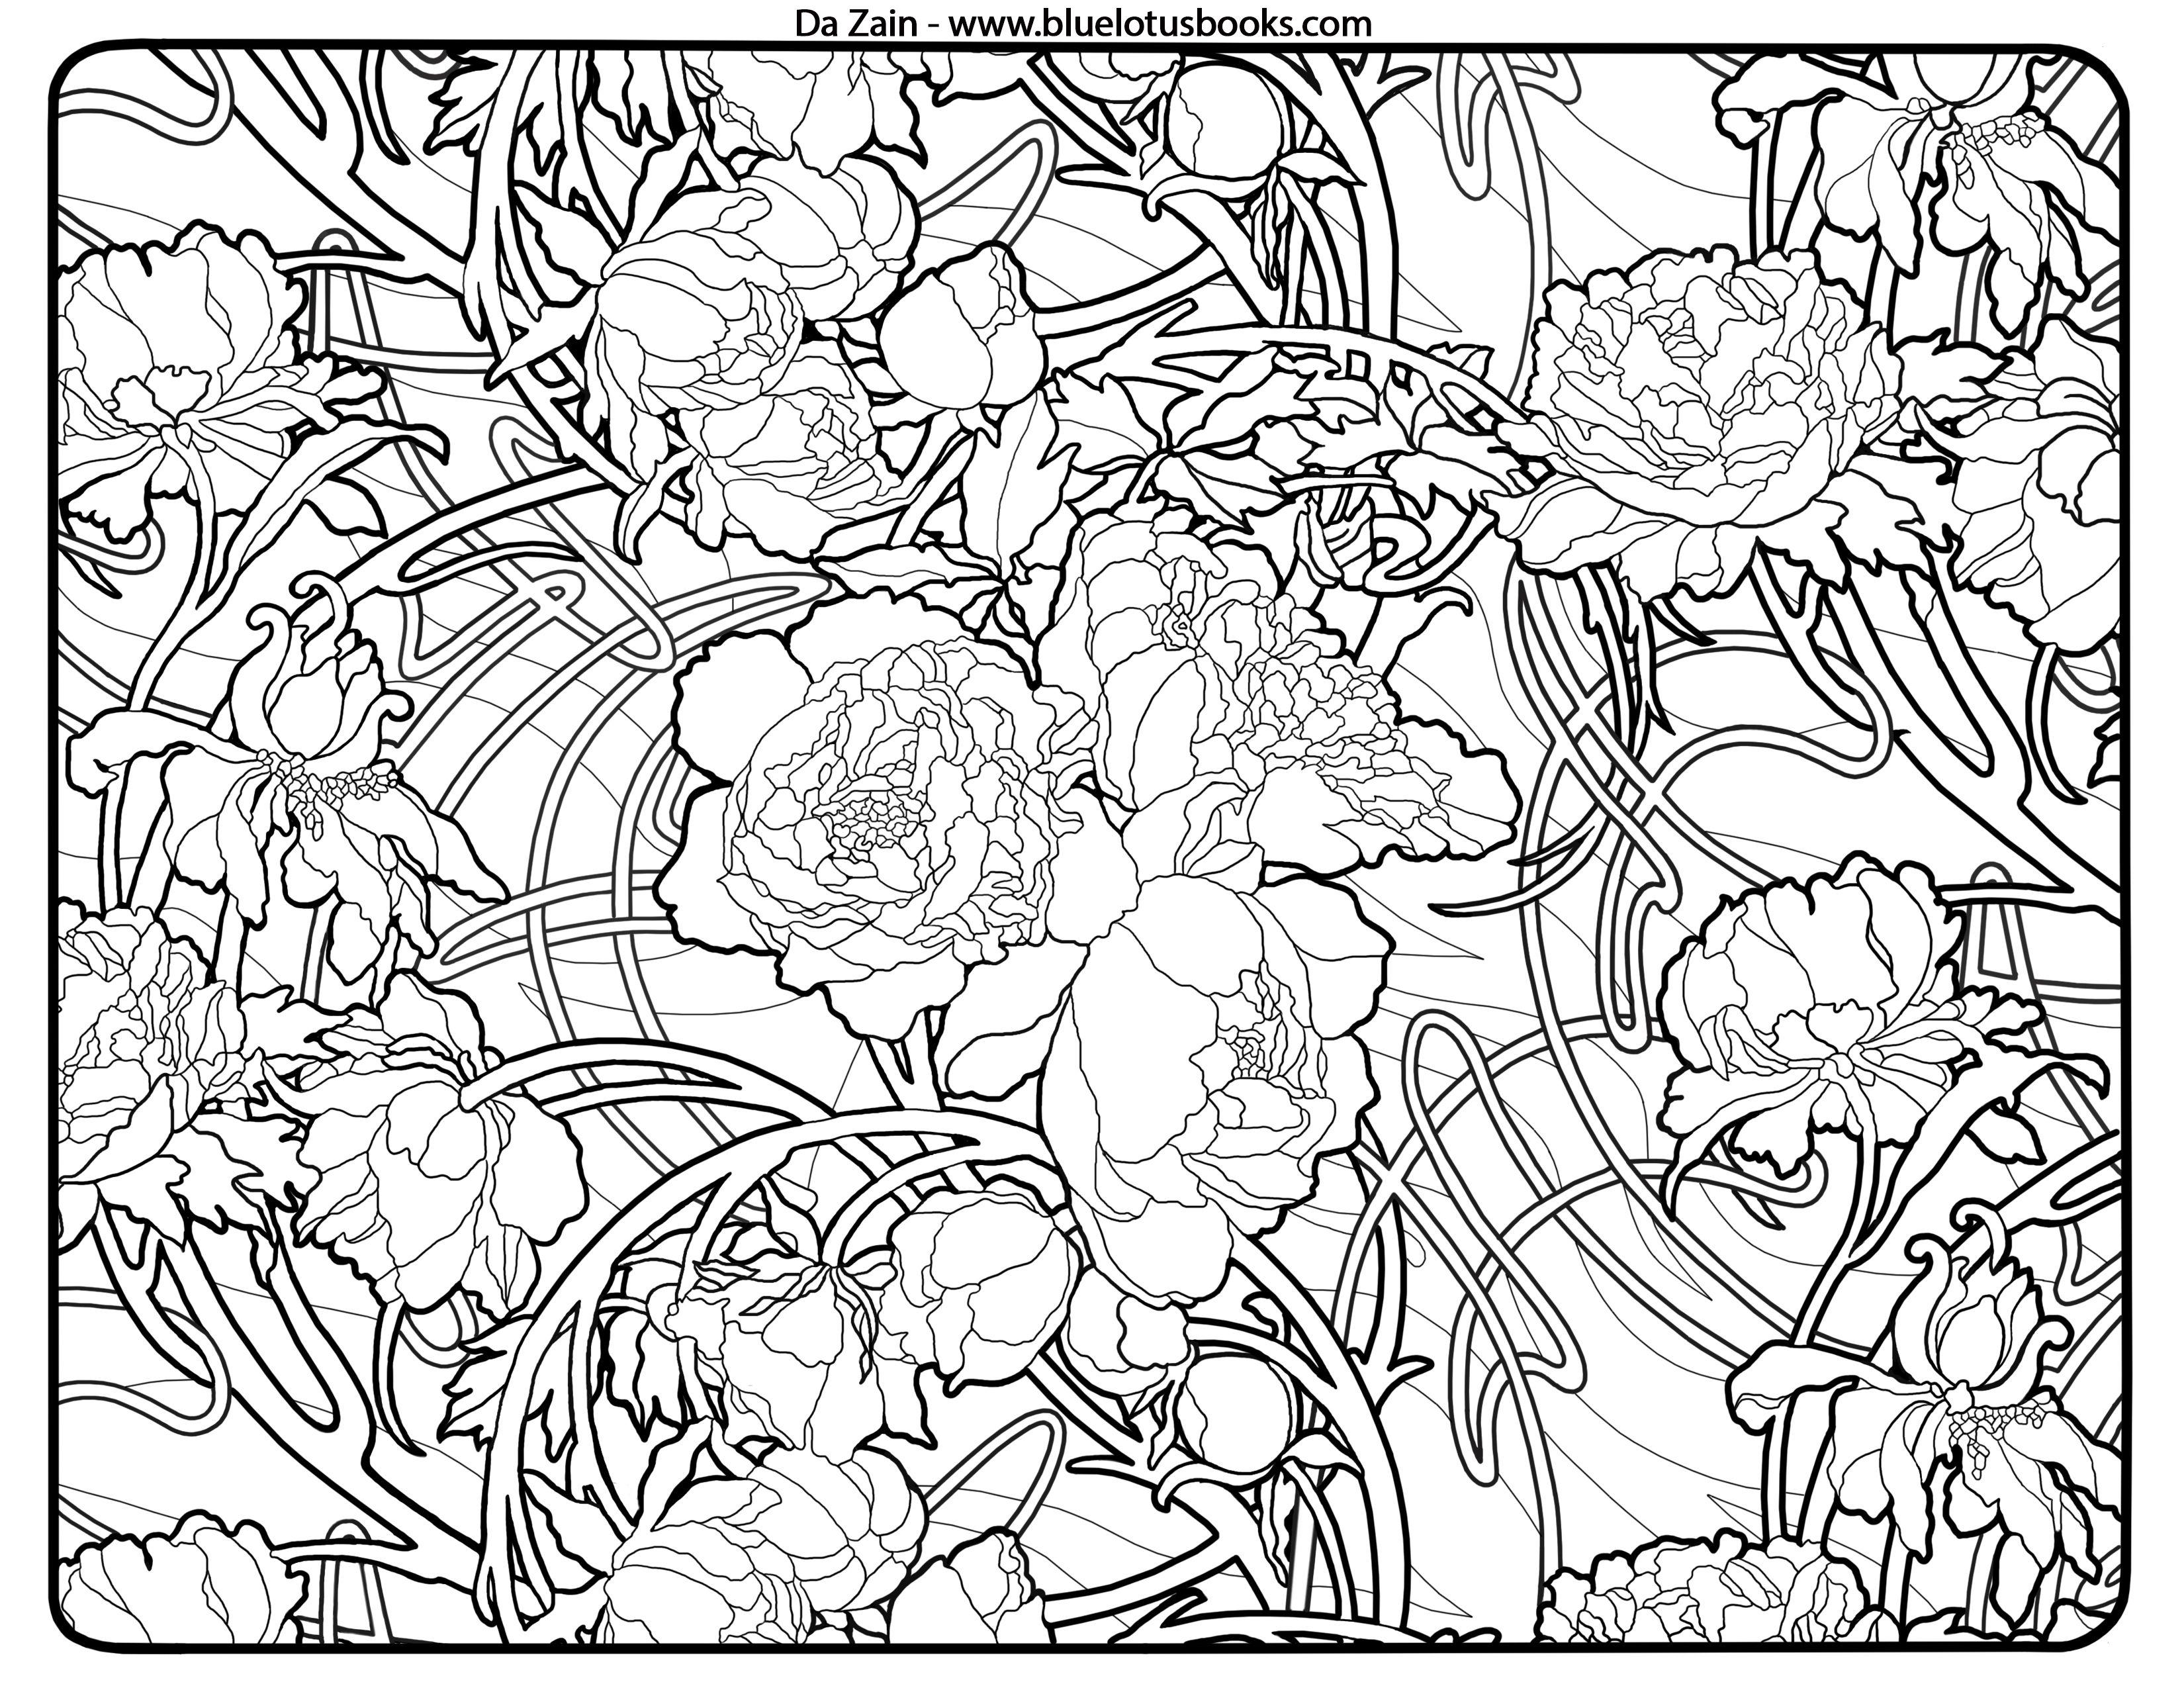 art nouveau coloring pages Art Nouveau Coloring Pages Alfons mucha art nouveau free  art nouveau coloring pages